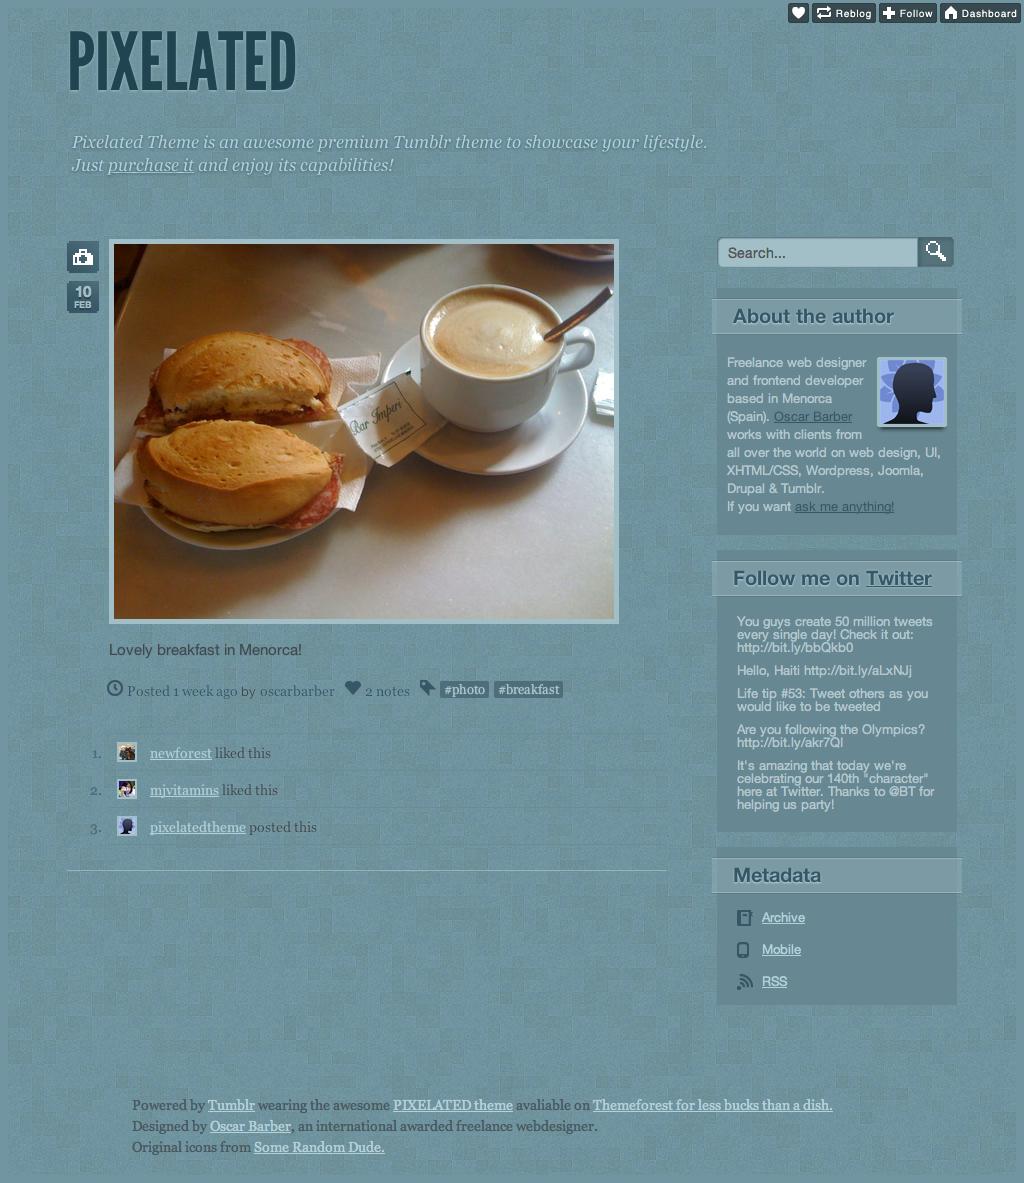 Pixelated theme (tumblr)